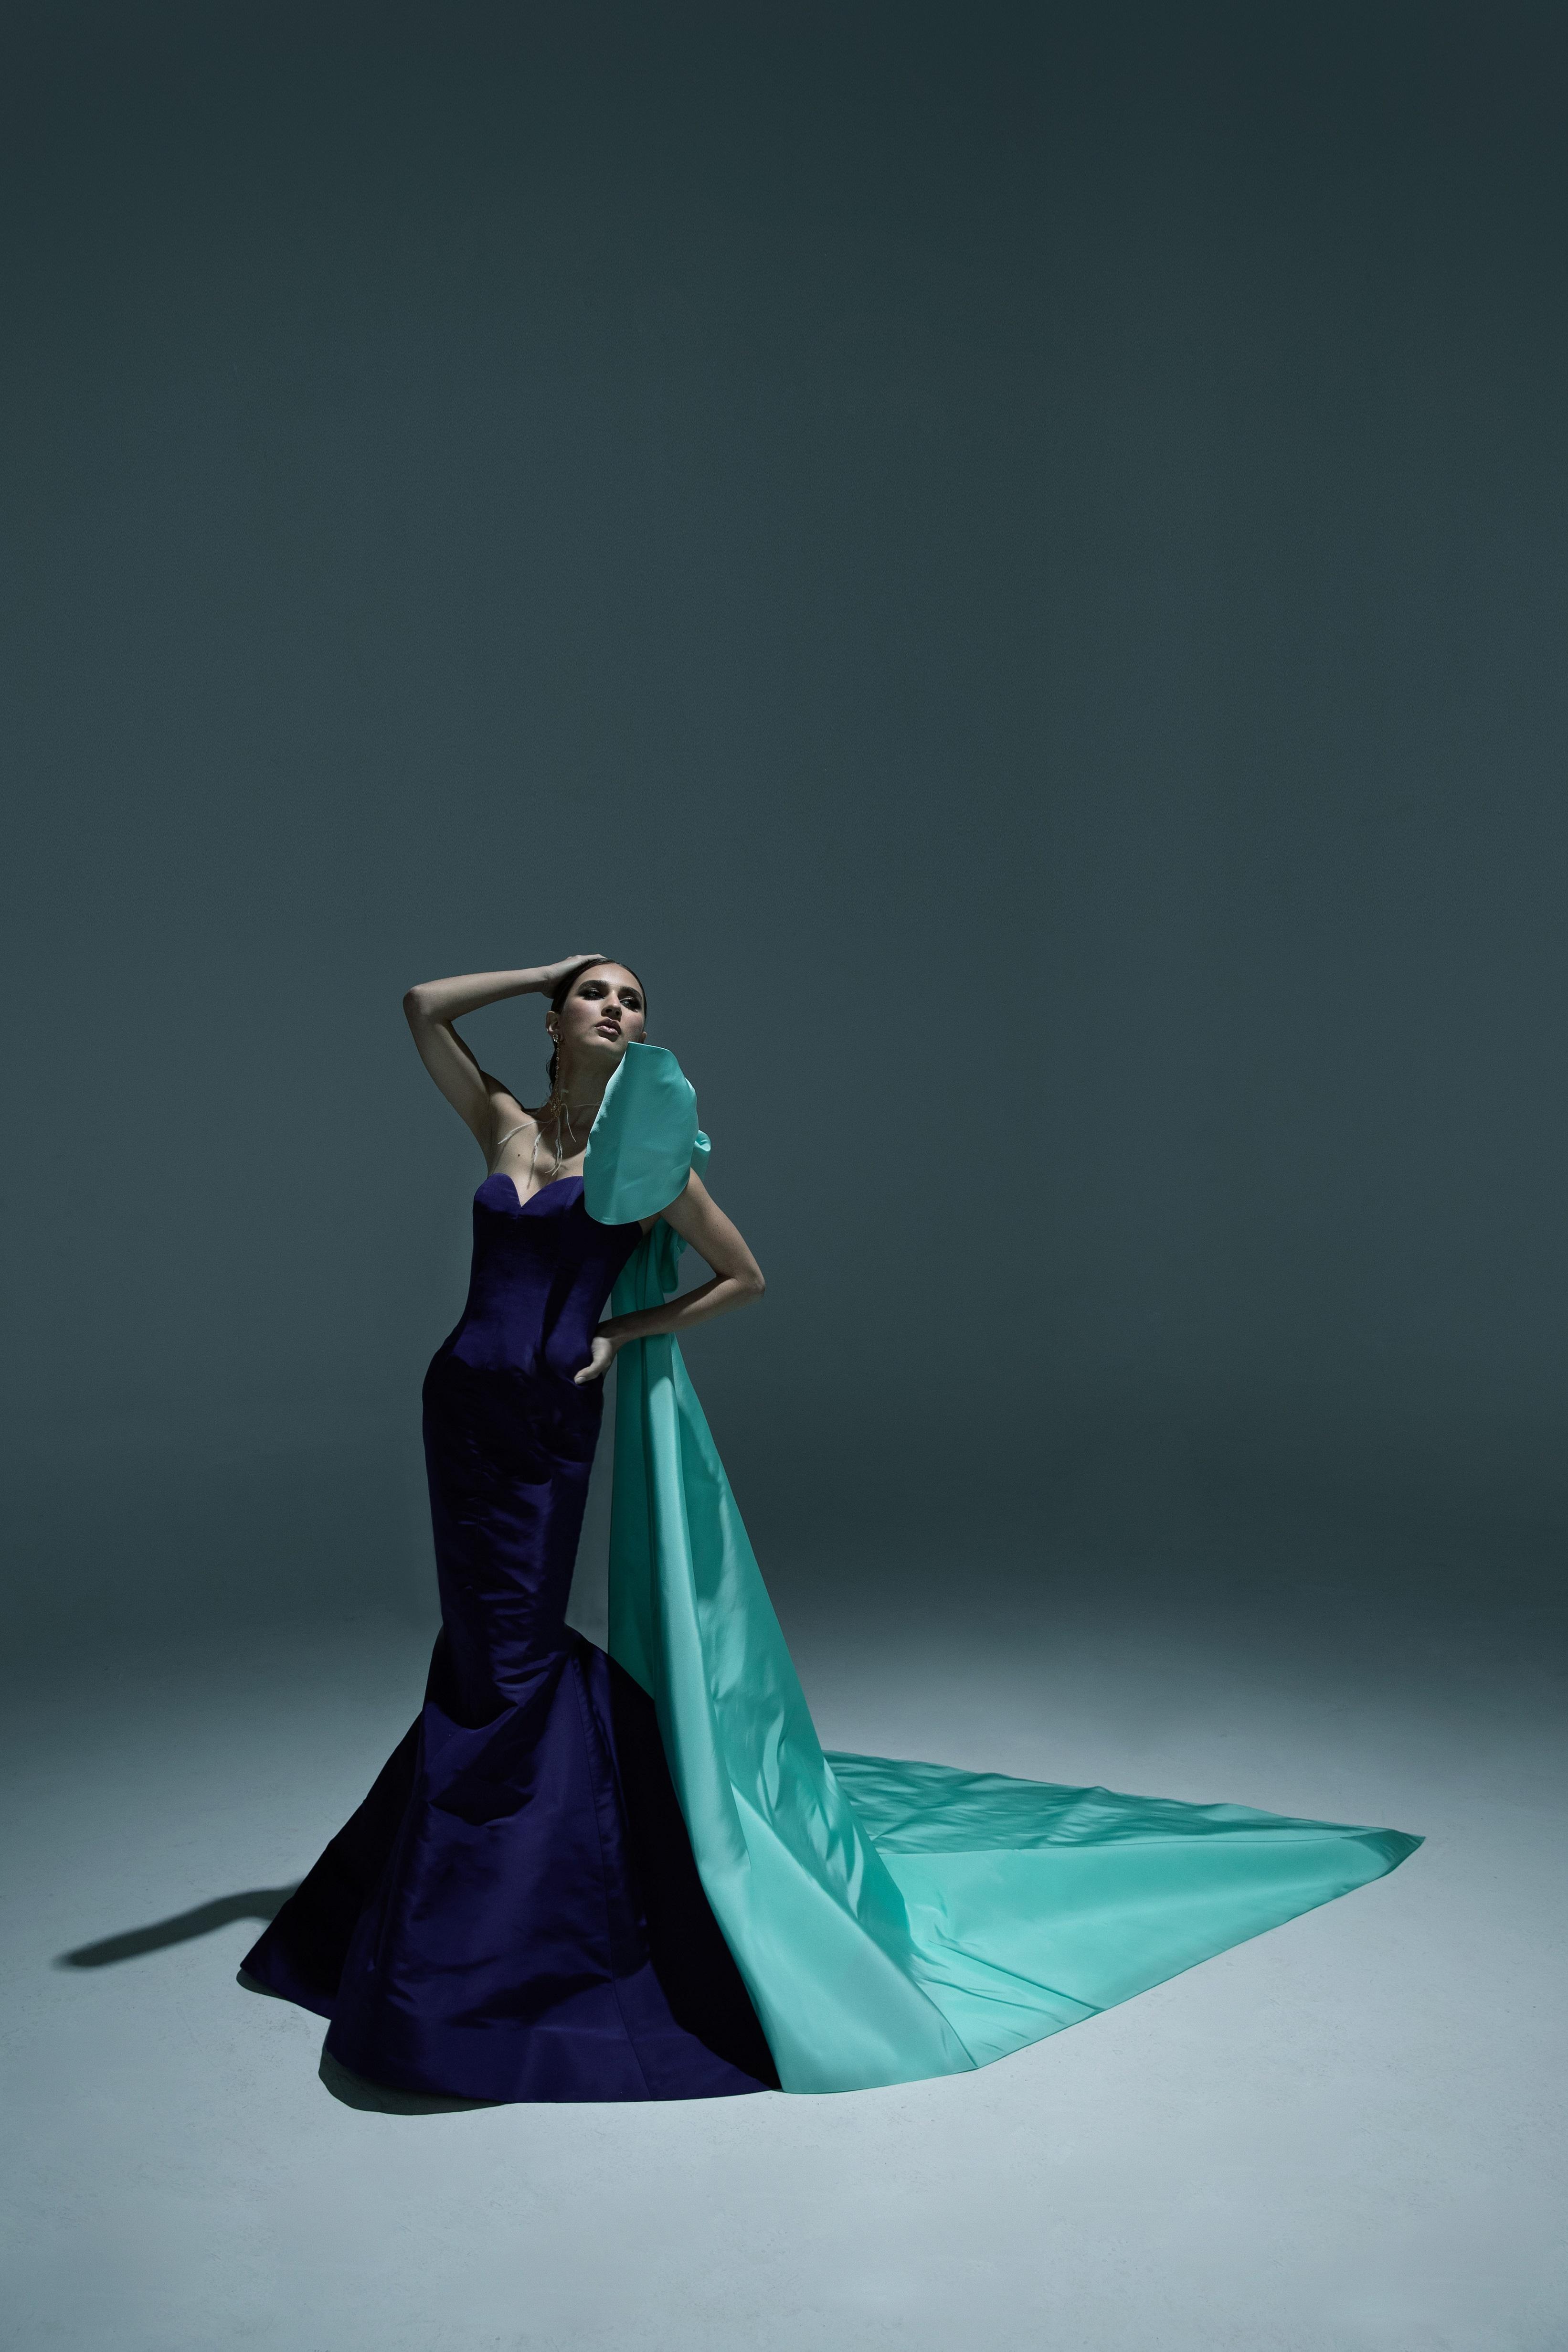 Durante su carrera ha confeccionado y entregado más de 10,000 vestidos. (Foto: Giovan Cordero)